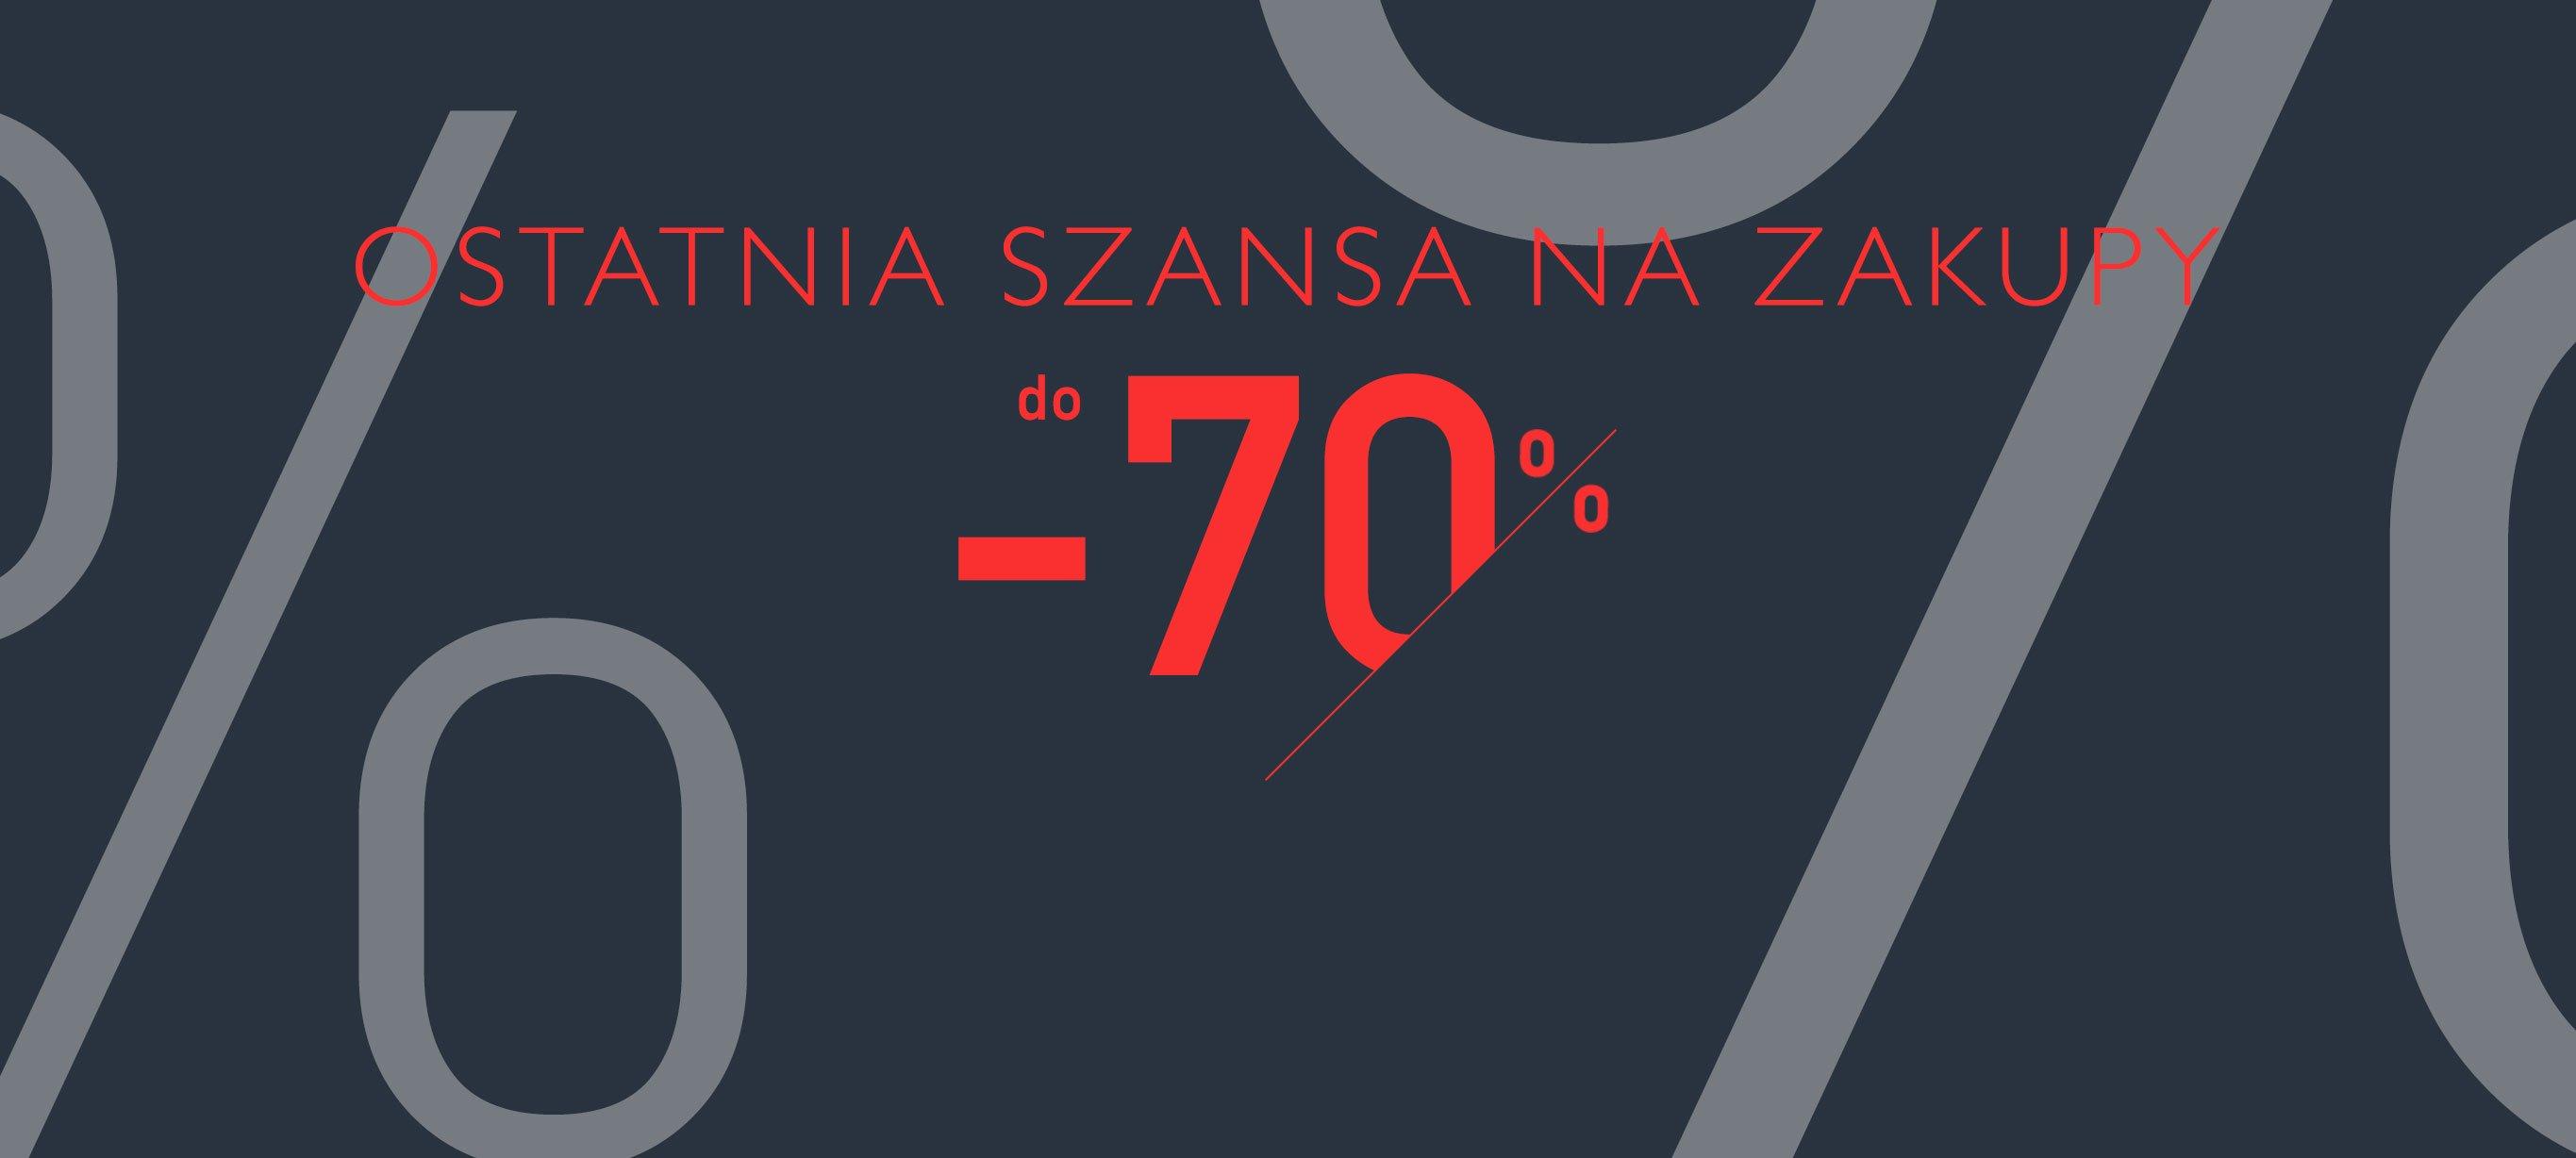 Intimissimi: wyprzedaż 70% rabatu na 3 produkty z wyprzedaży